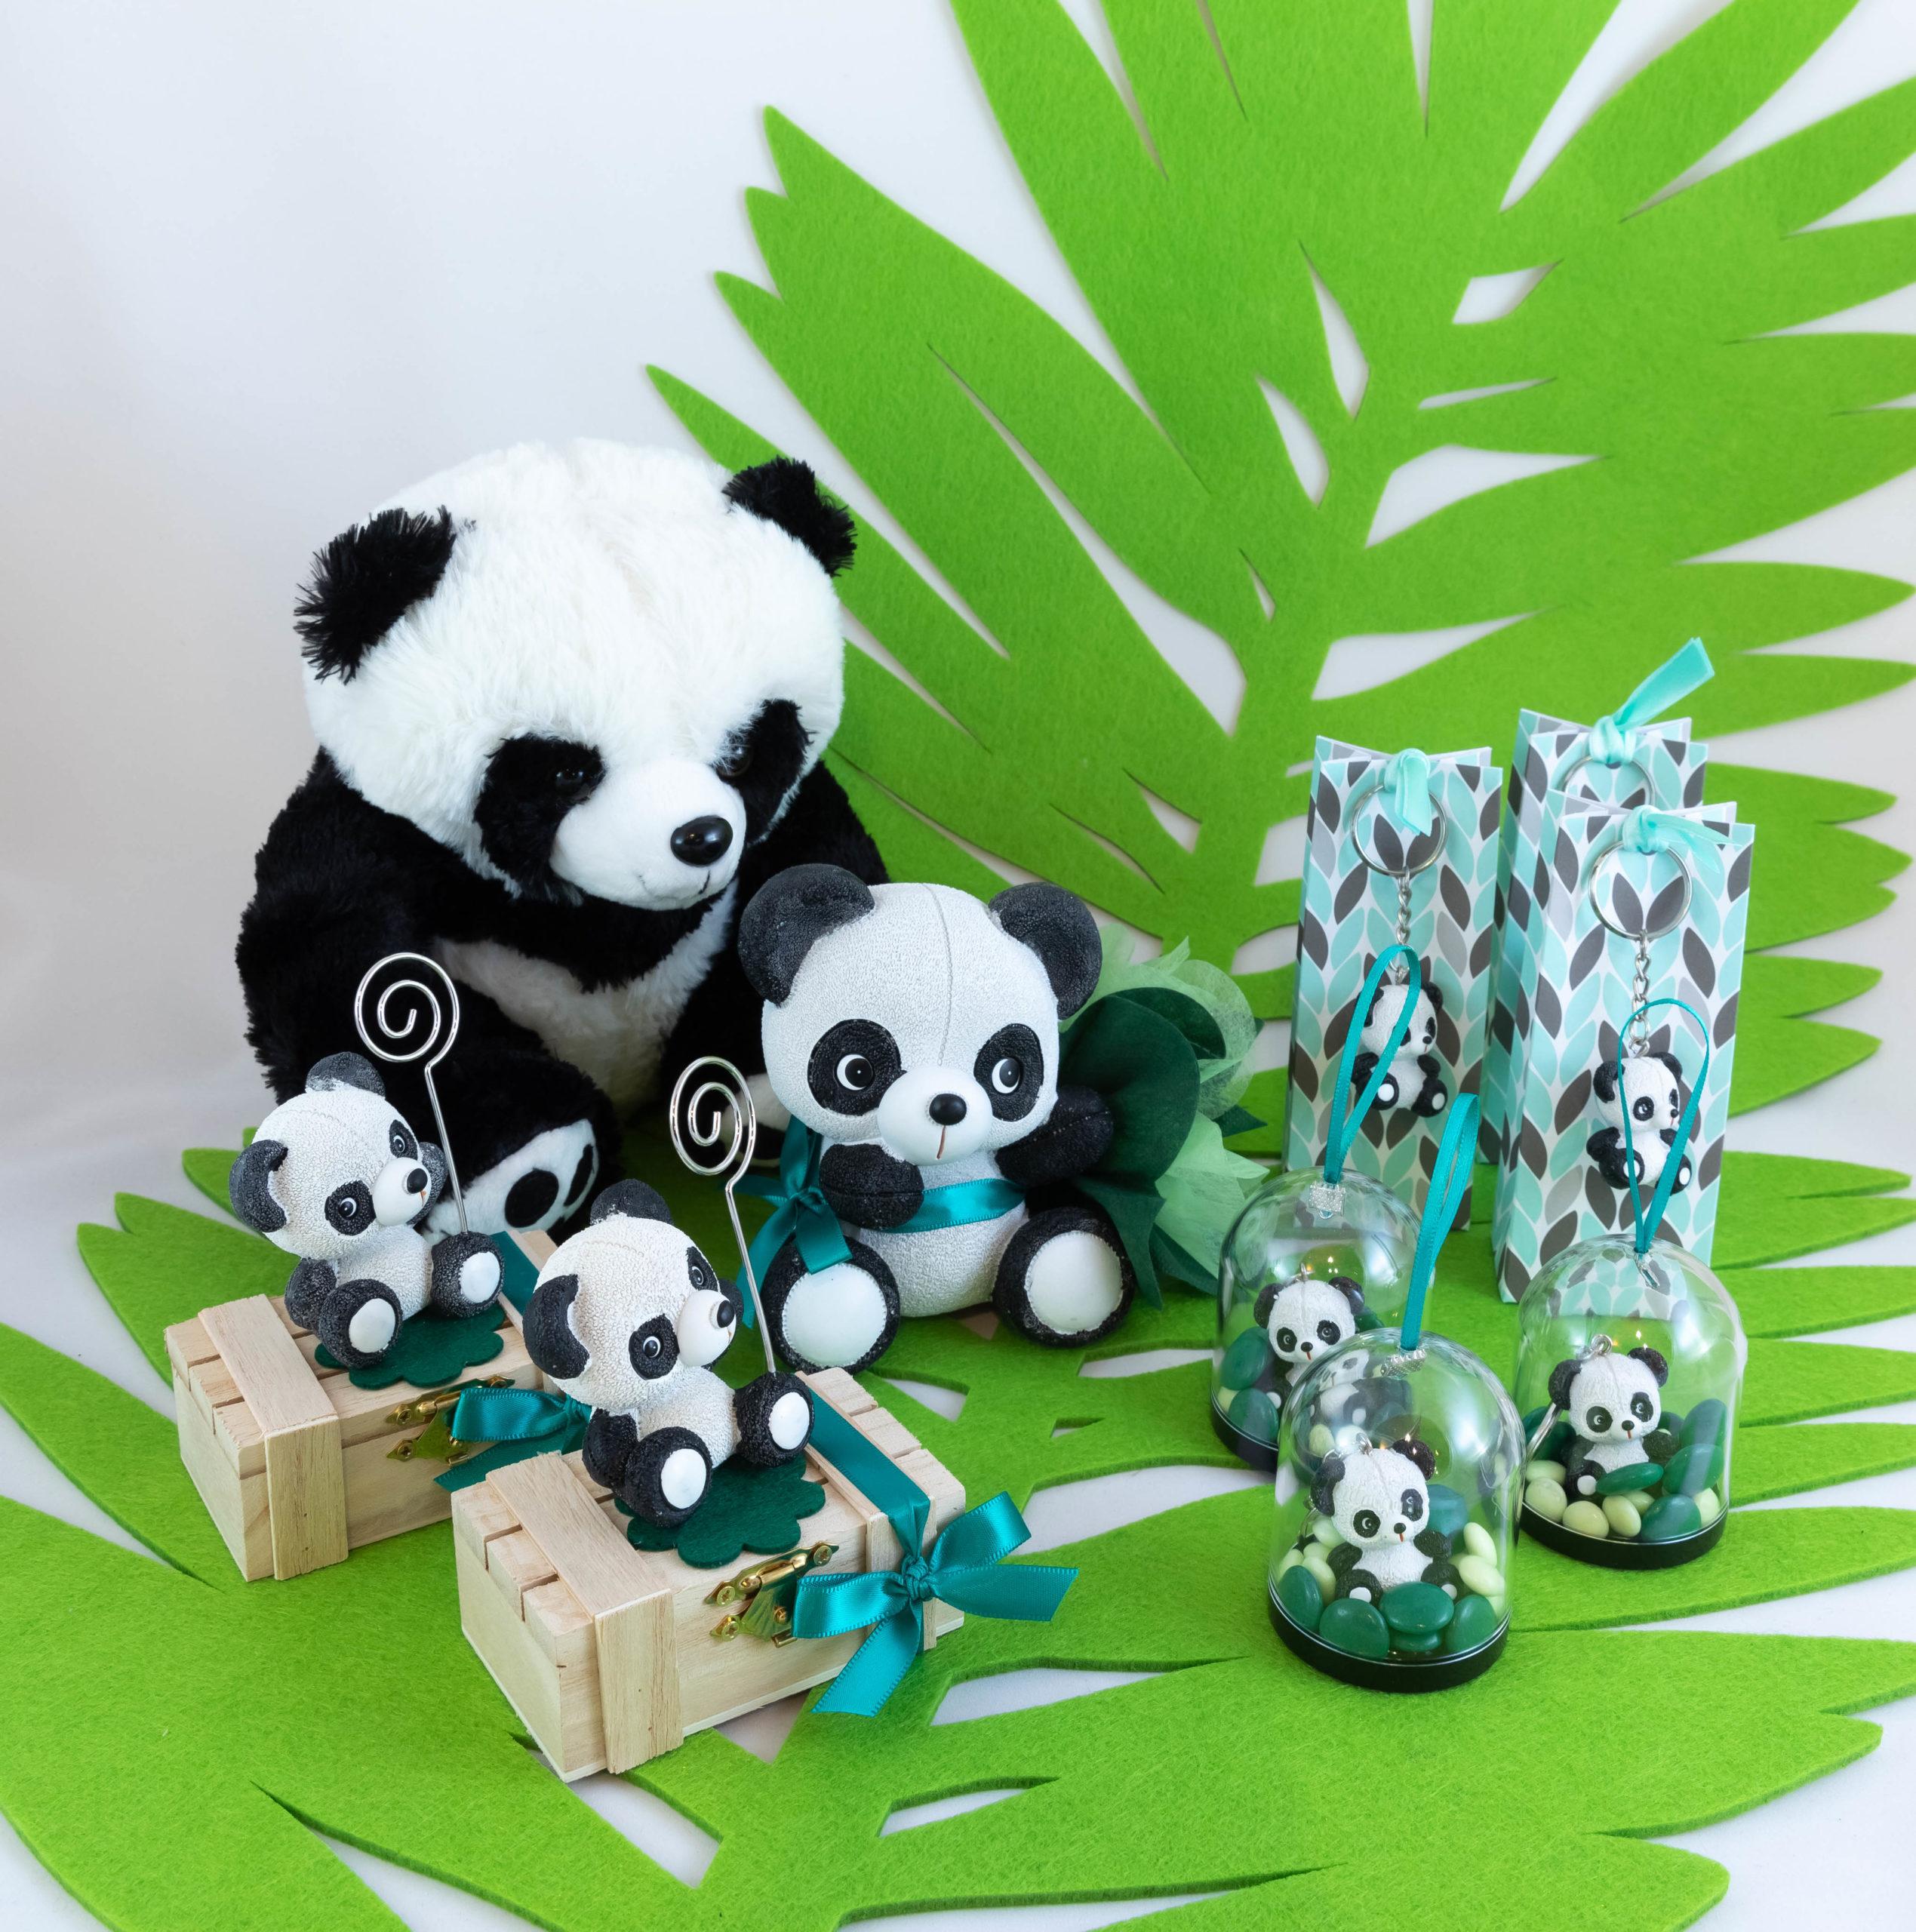 Ensemble - Panda Image